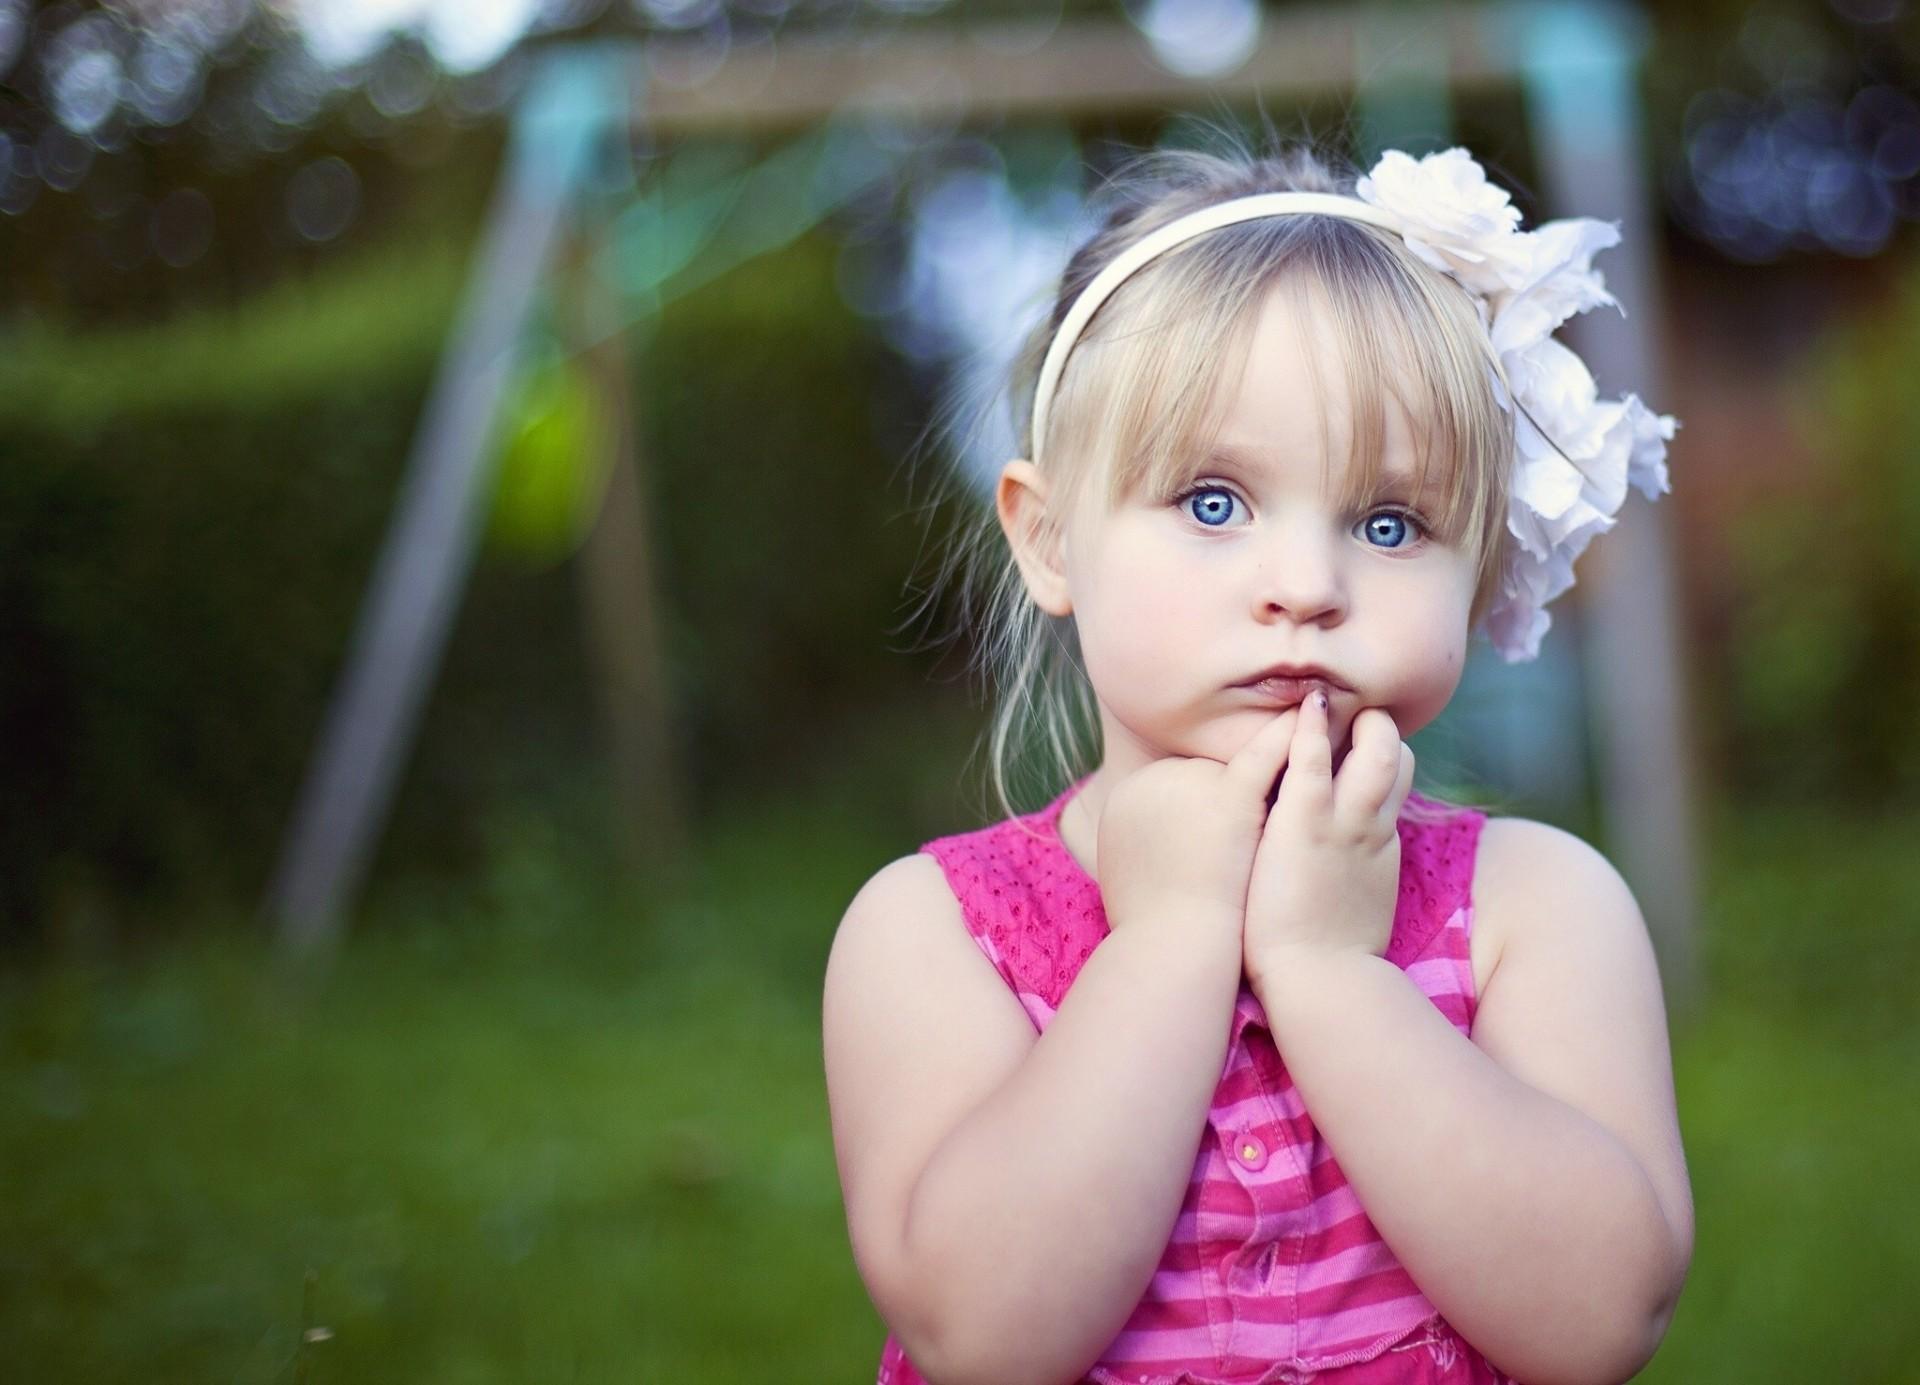 Интересные картинки для детей девочек